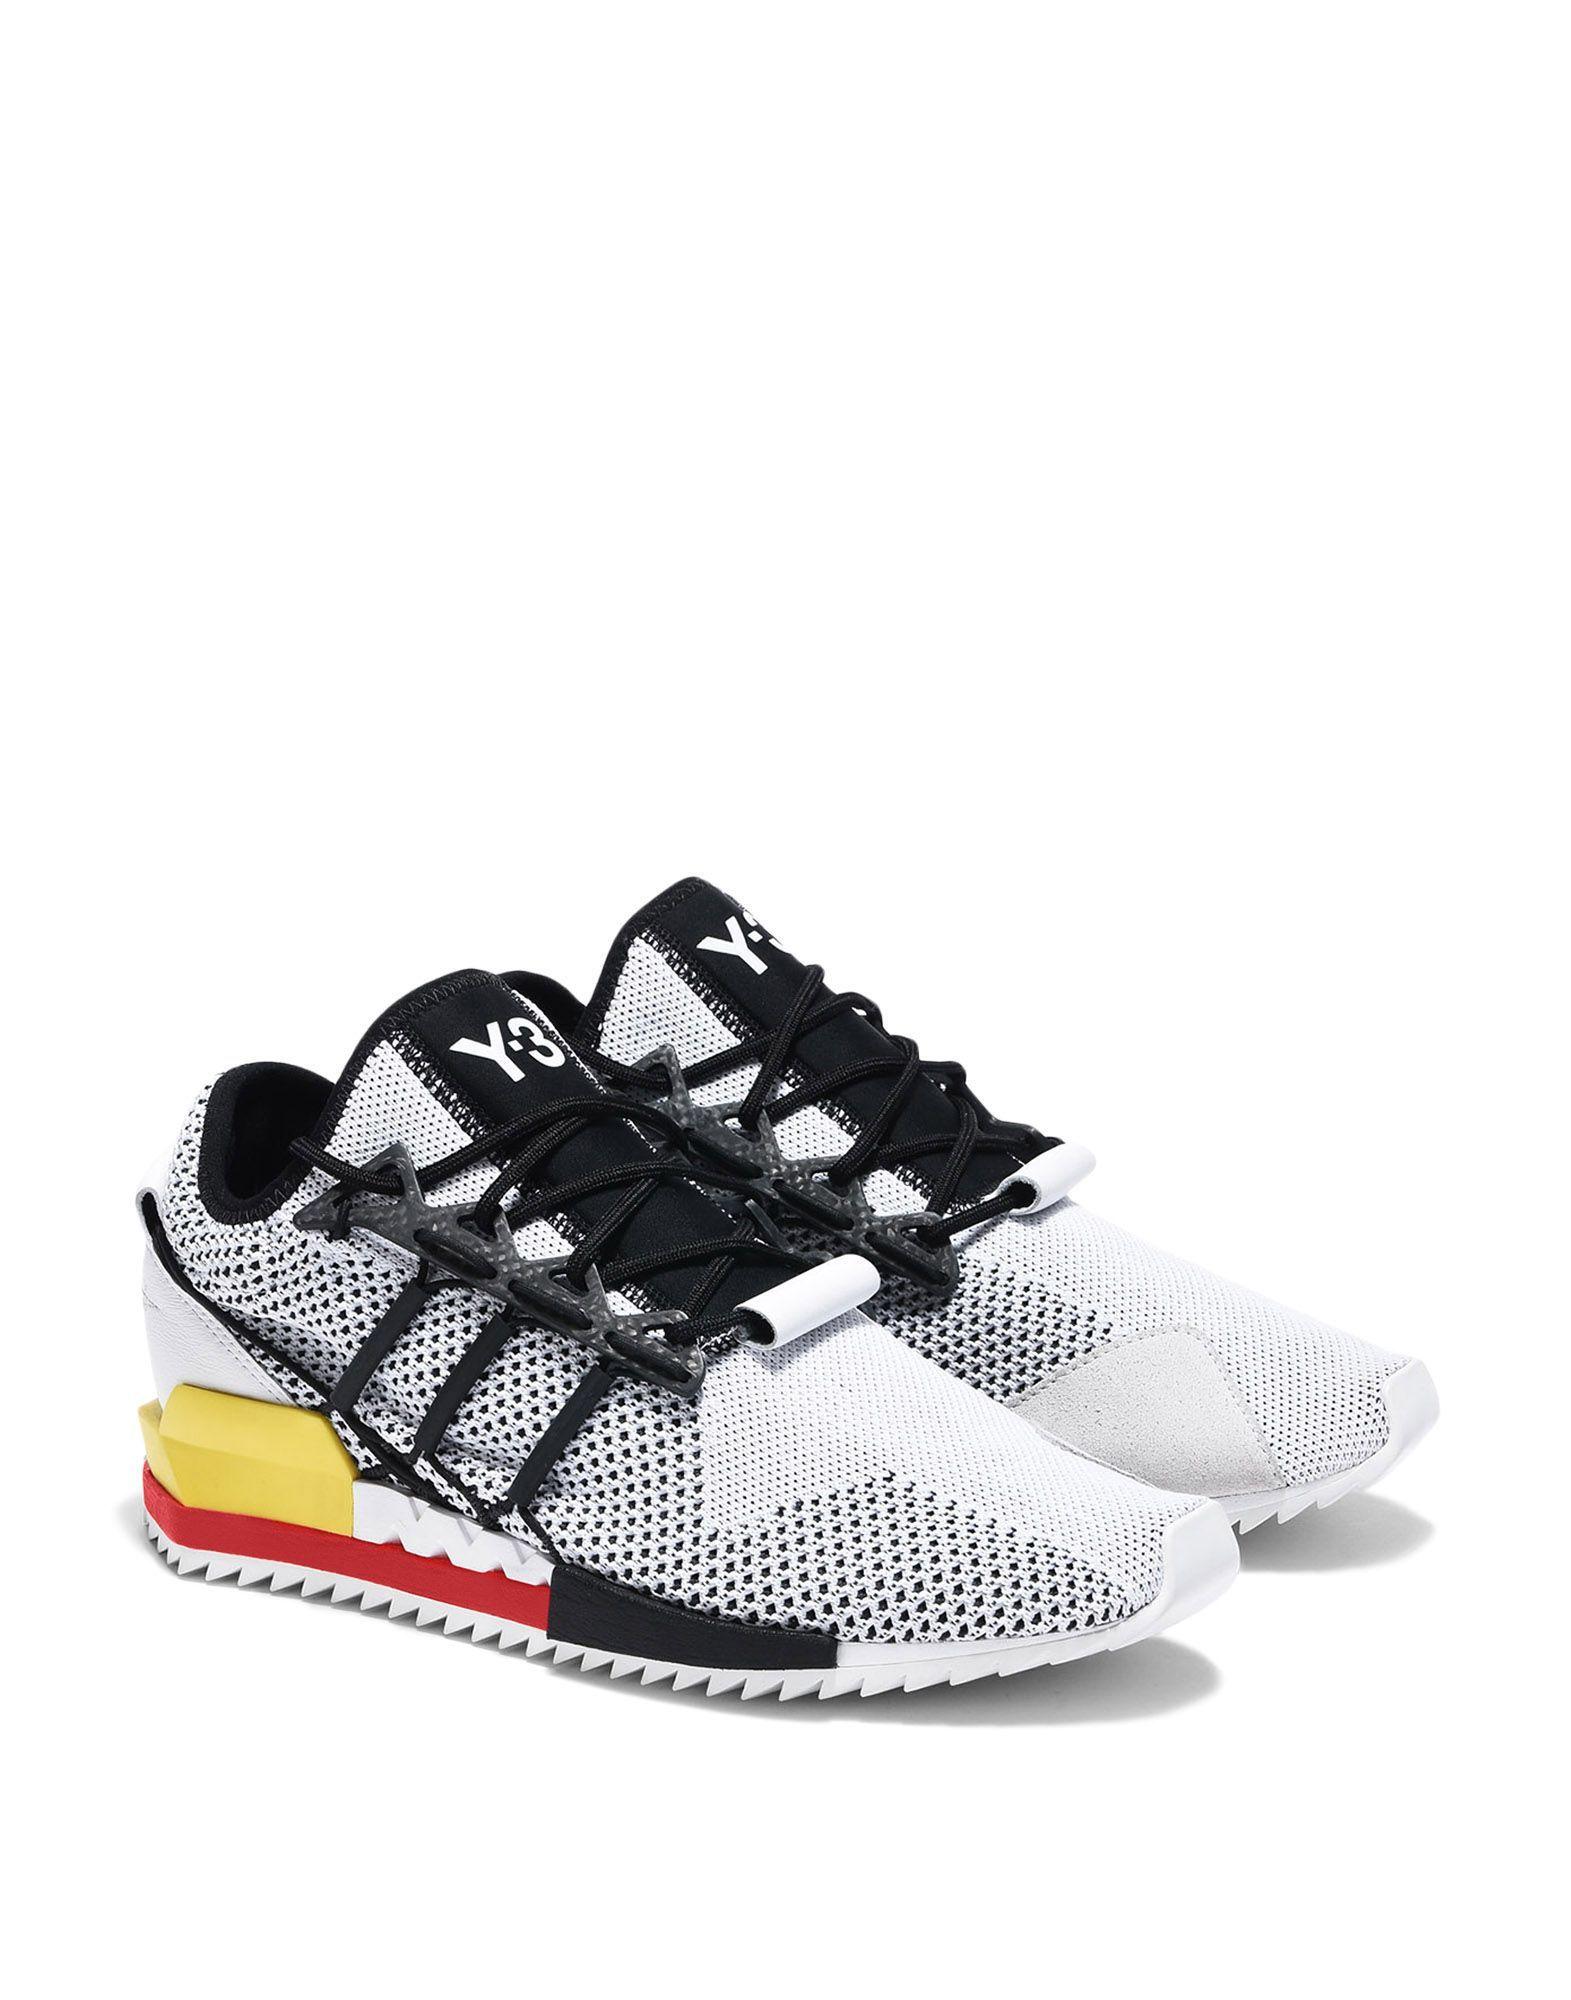 8c1c58743 Y-3 Harigane Shoes